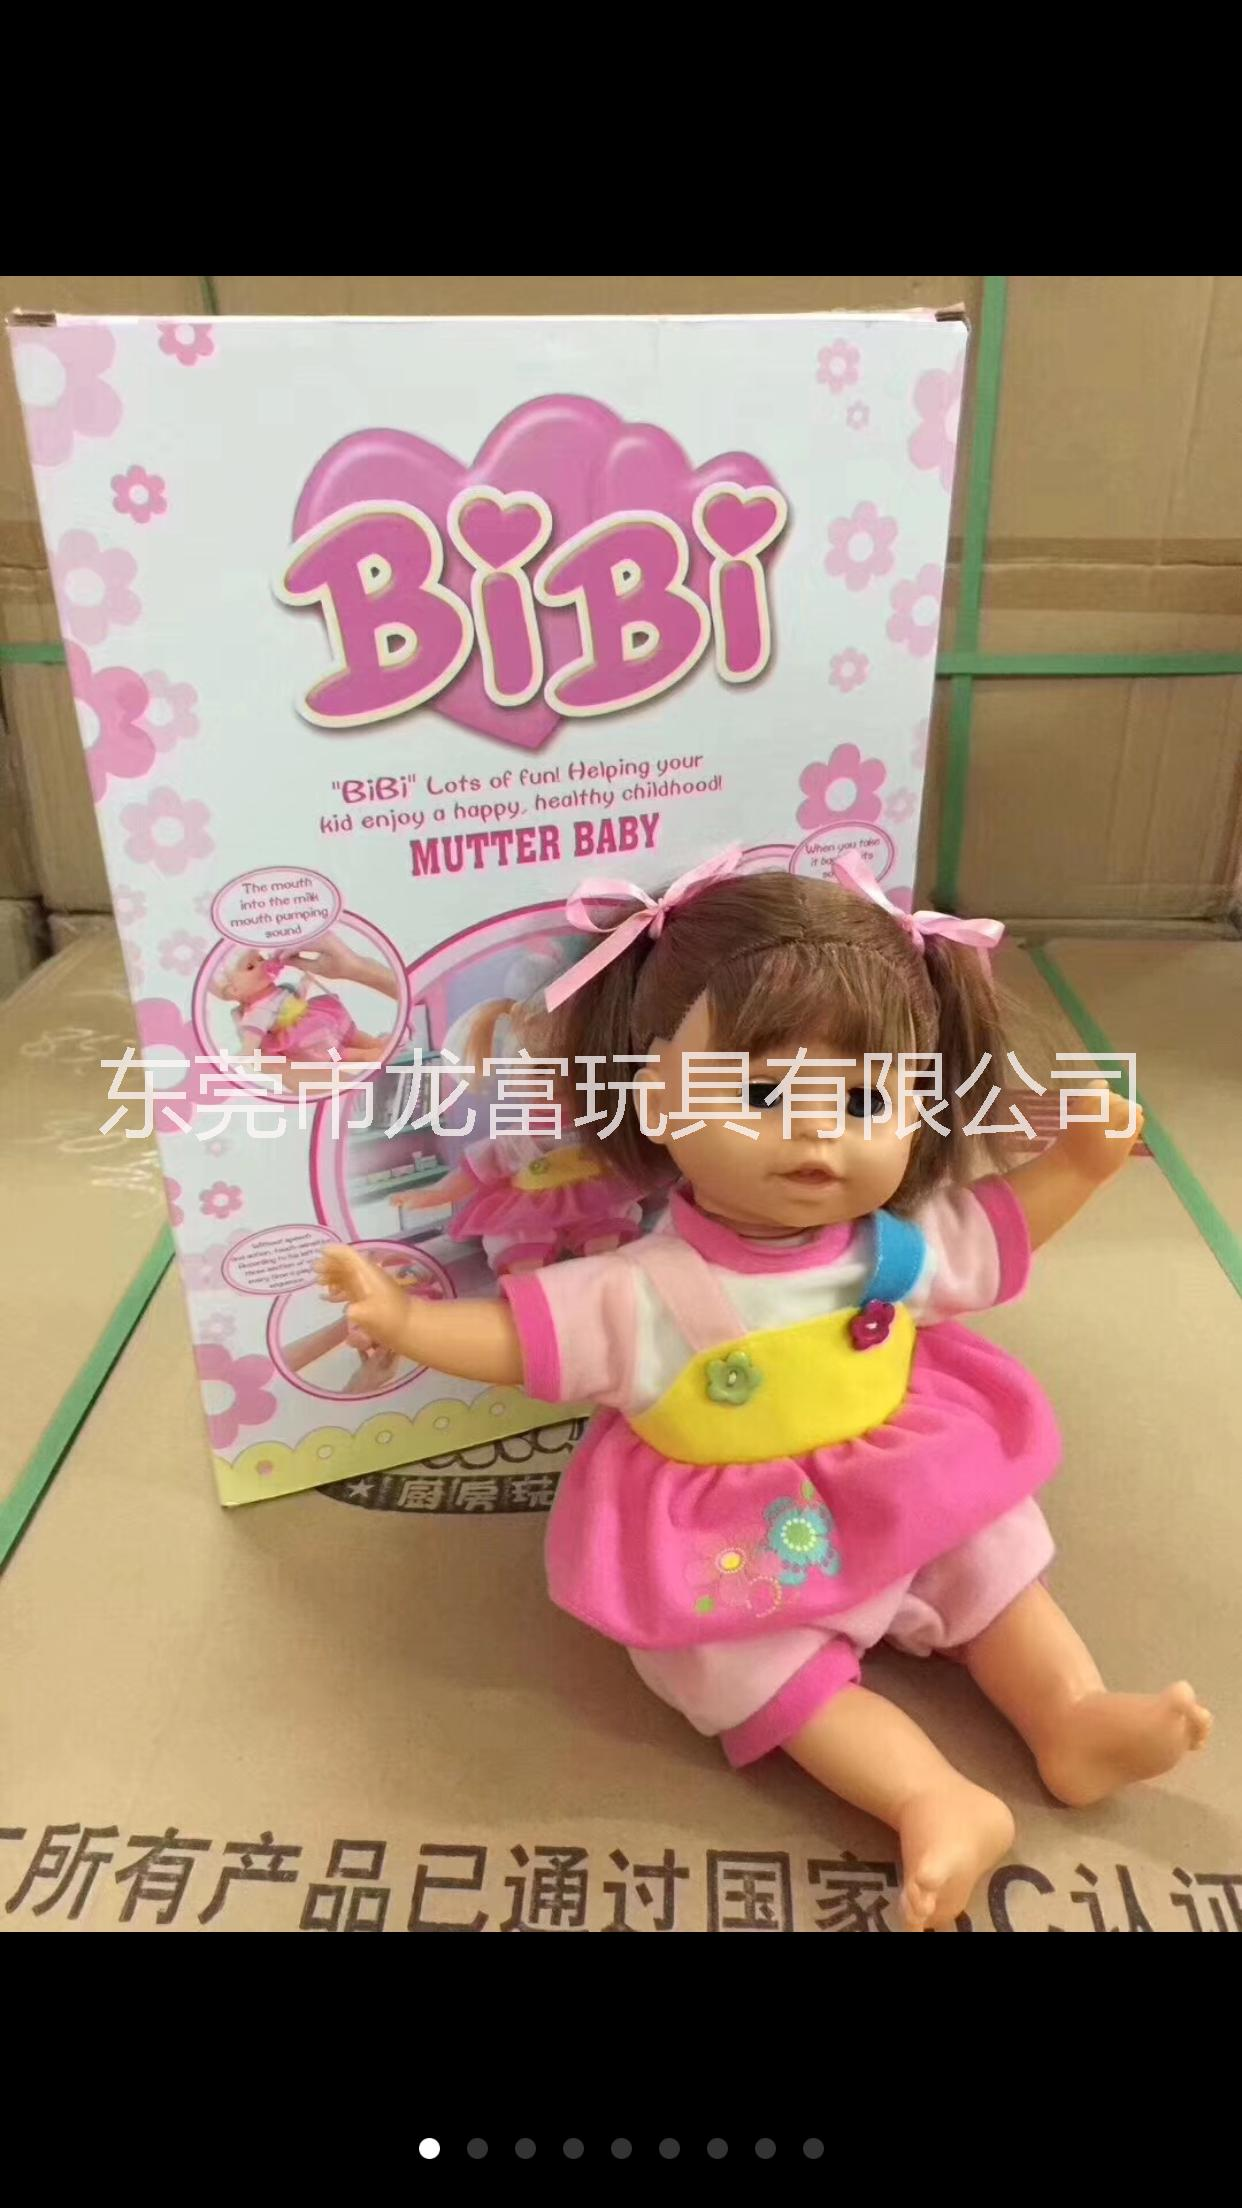 厂家直销小孩油炉公仔 油炉玩具